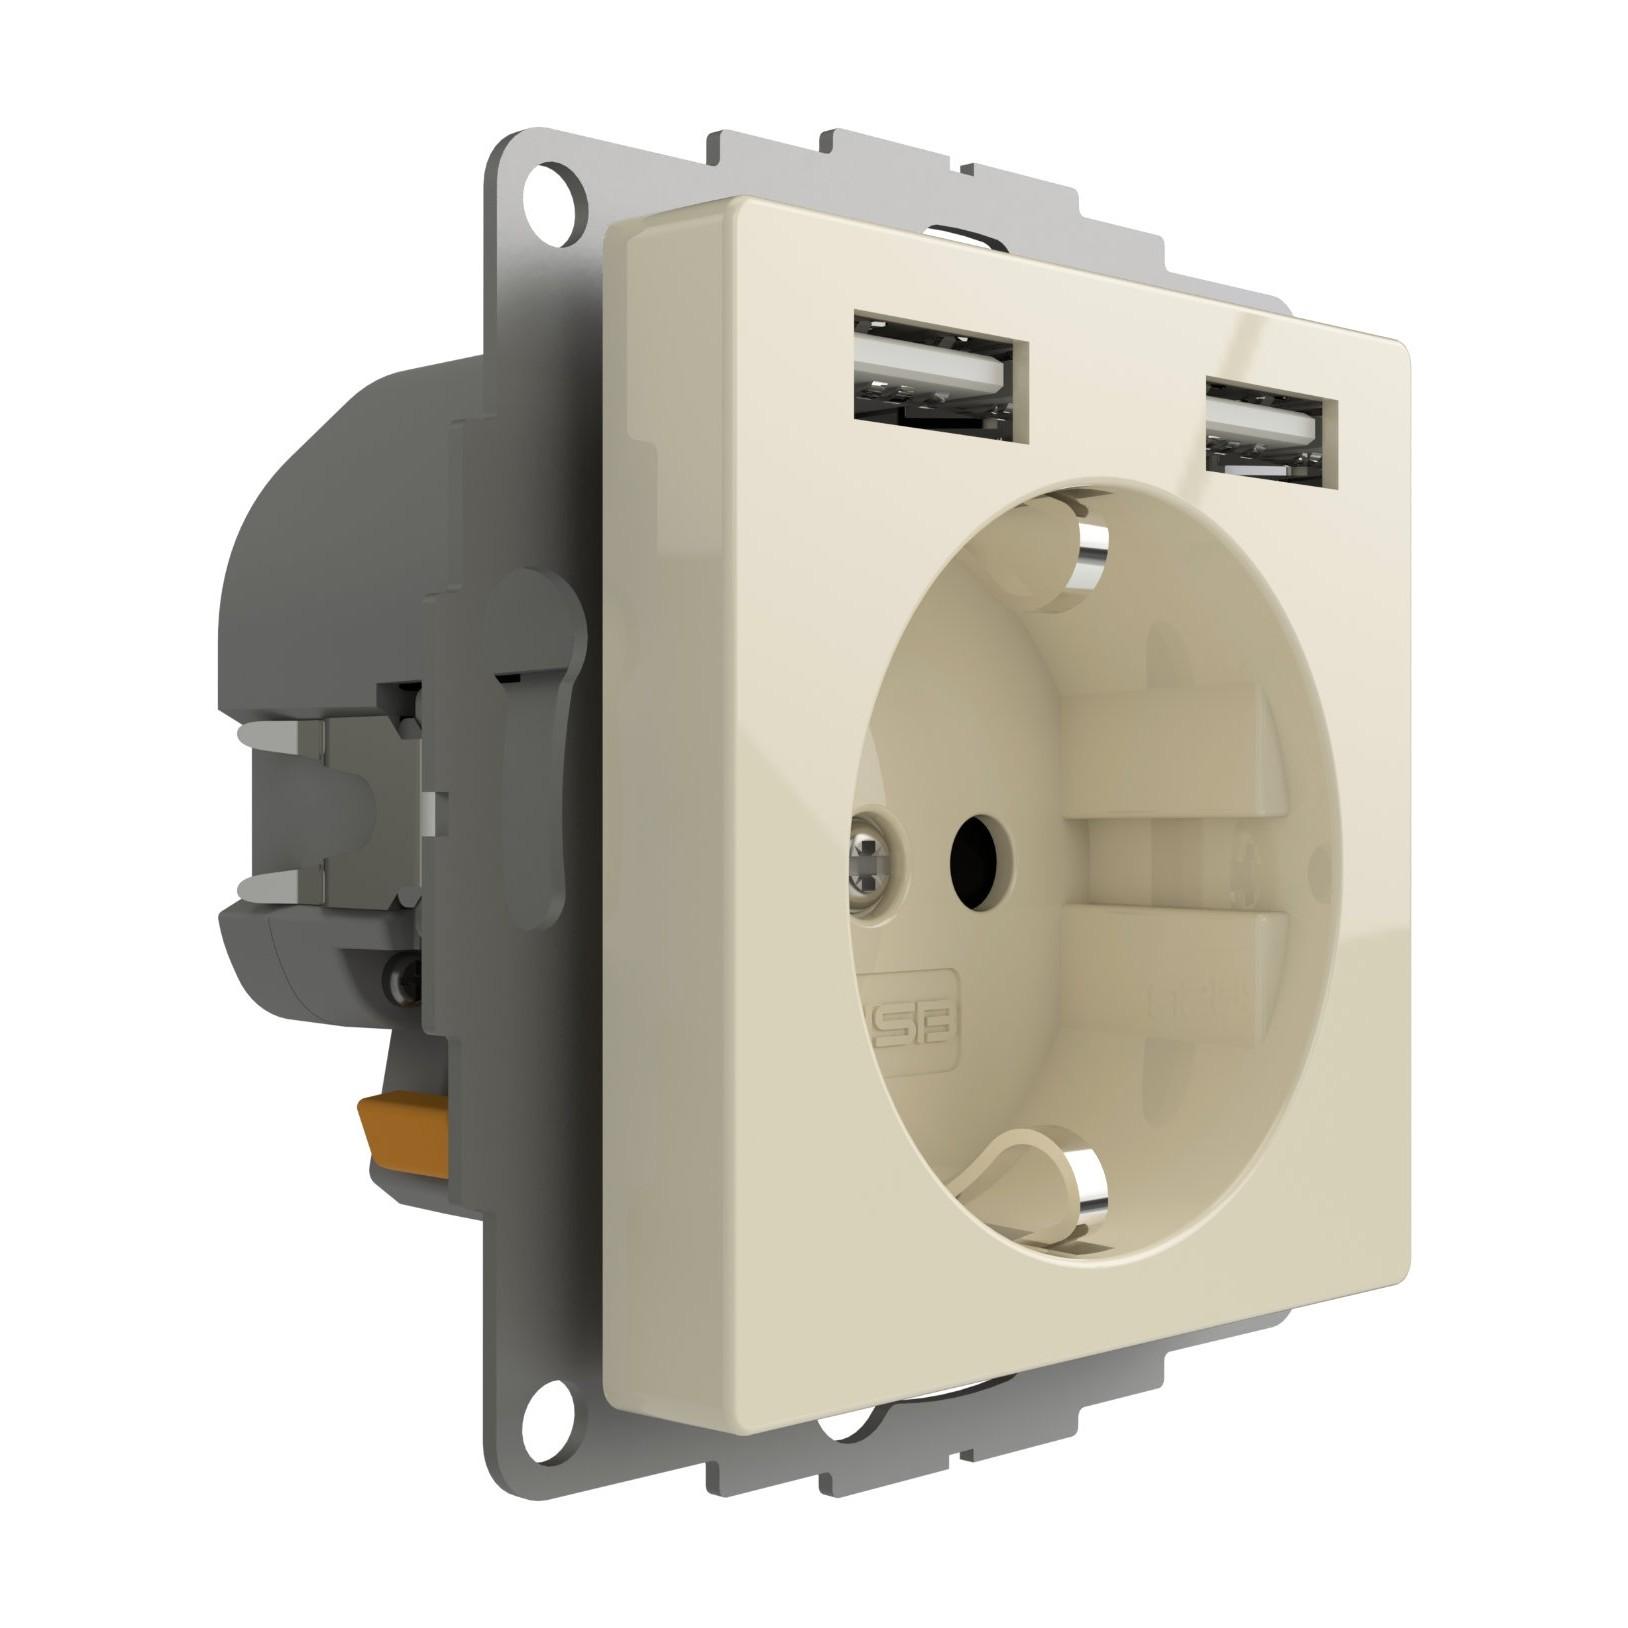 Stopcontact met USB poorten 2400mA crême glanzend voor een 40mm diepe doos